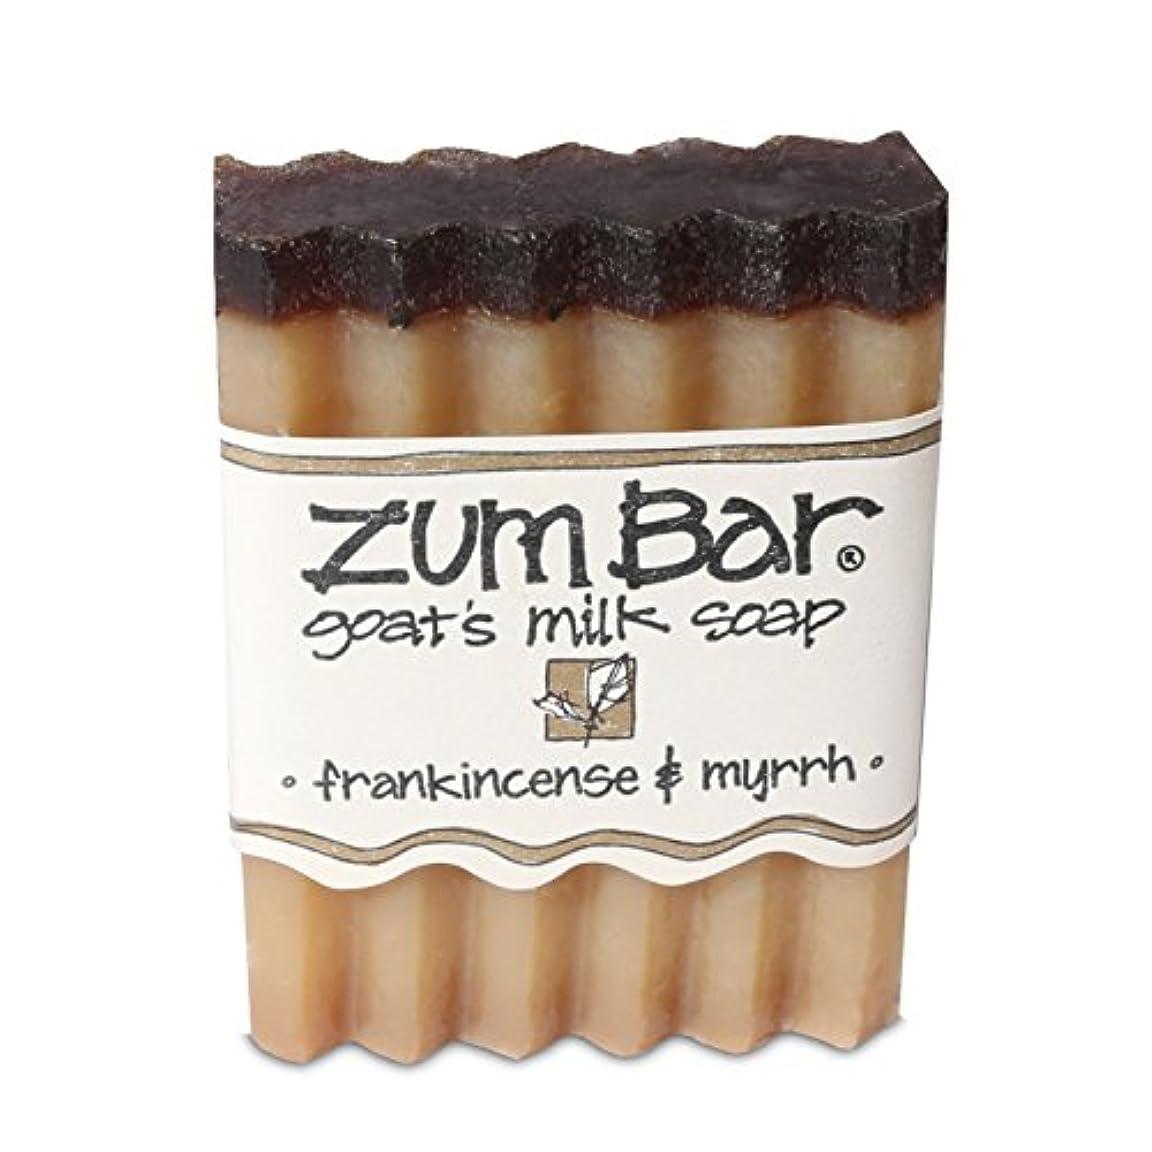 コショウ模倣香り海外直送品 Indigo Wild, Zum Bar, Goat's ミルク ソープ フランキンセンス&ミルラ, 3 Ounces (2個セット) (Frankincense & Myrrh) [並行輸入品]